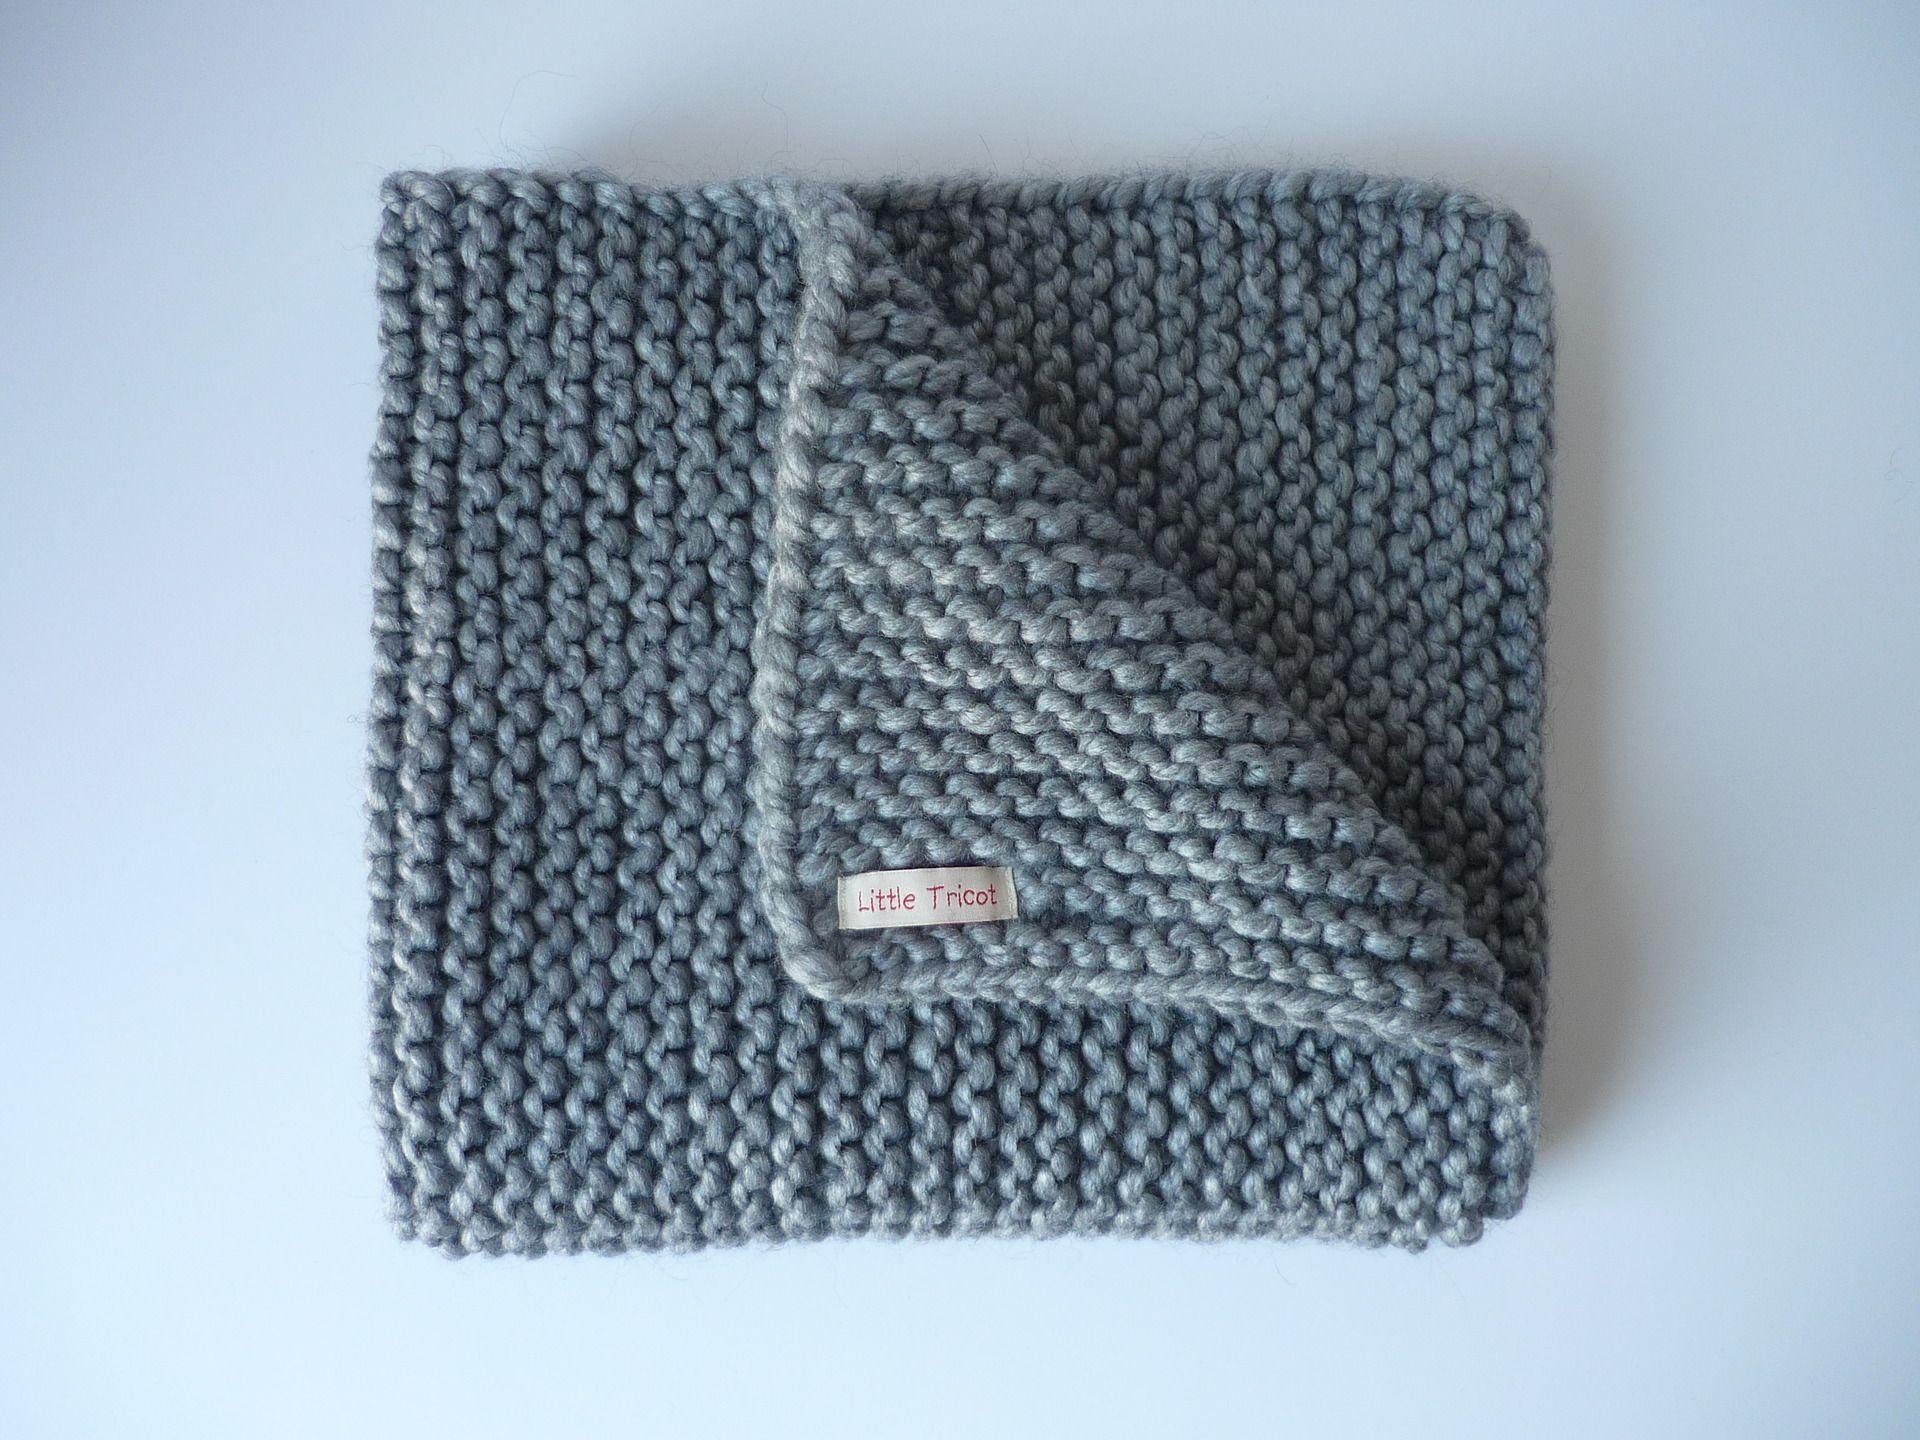 couverture plaid b b 75 x 60 cm gris clair tricot e main en laine berceau couffin landau. Black Bedroom Furniture Sets. Home Design Ideas